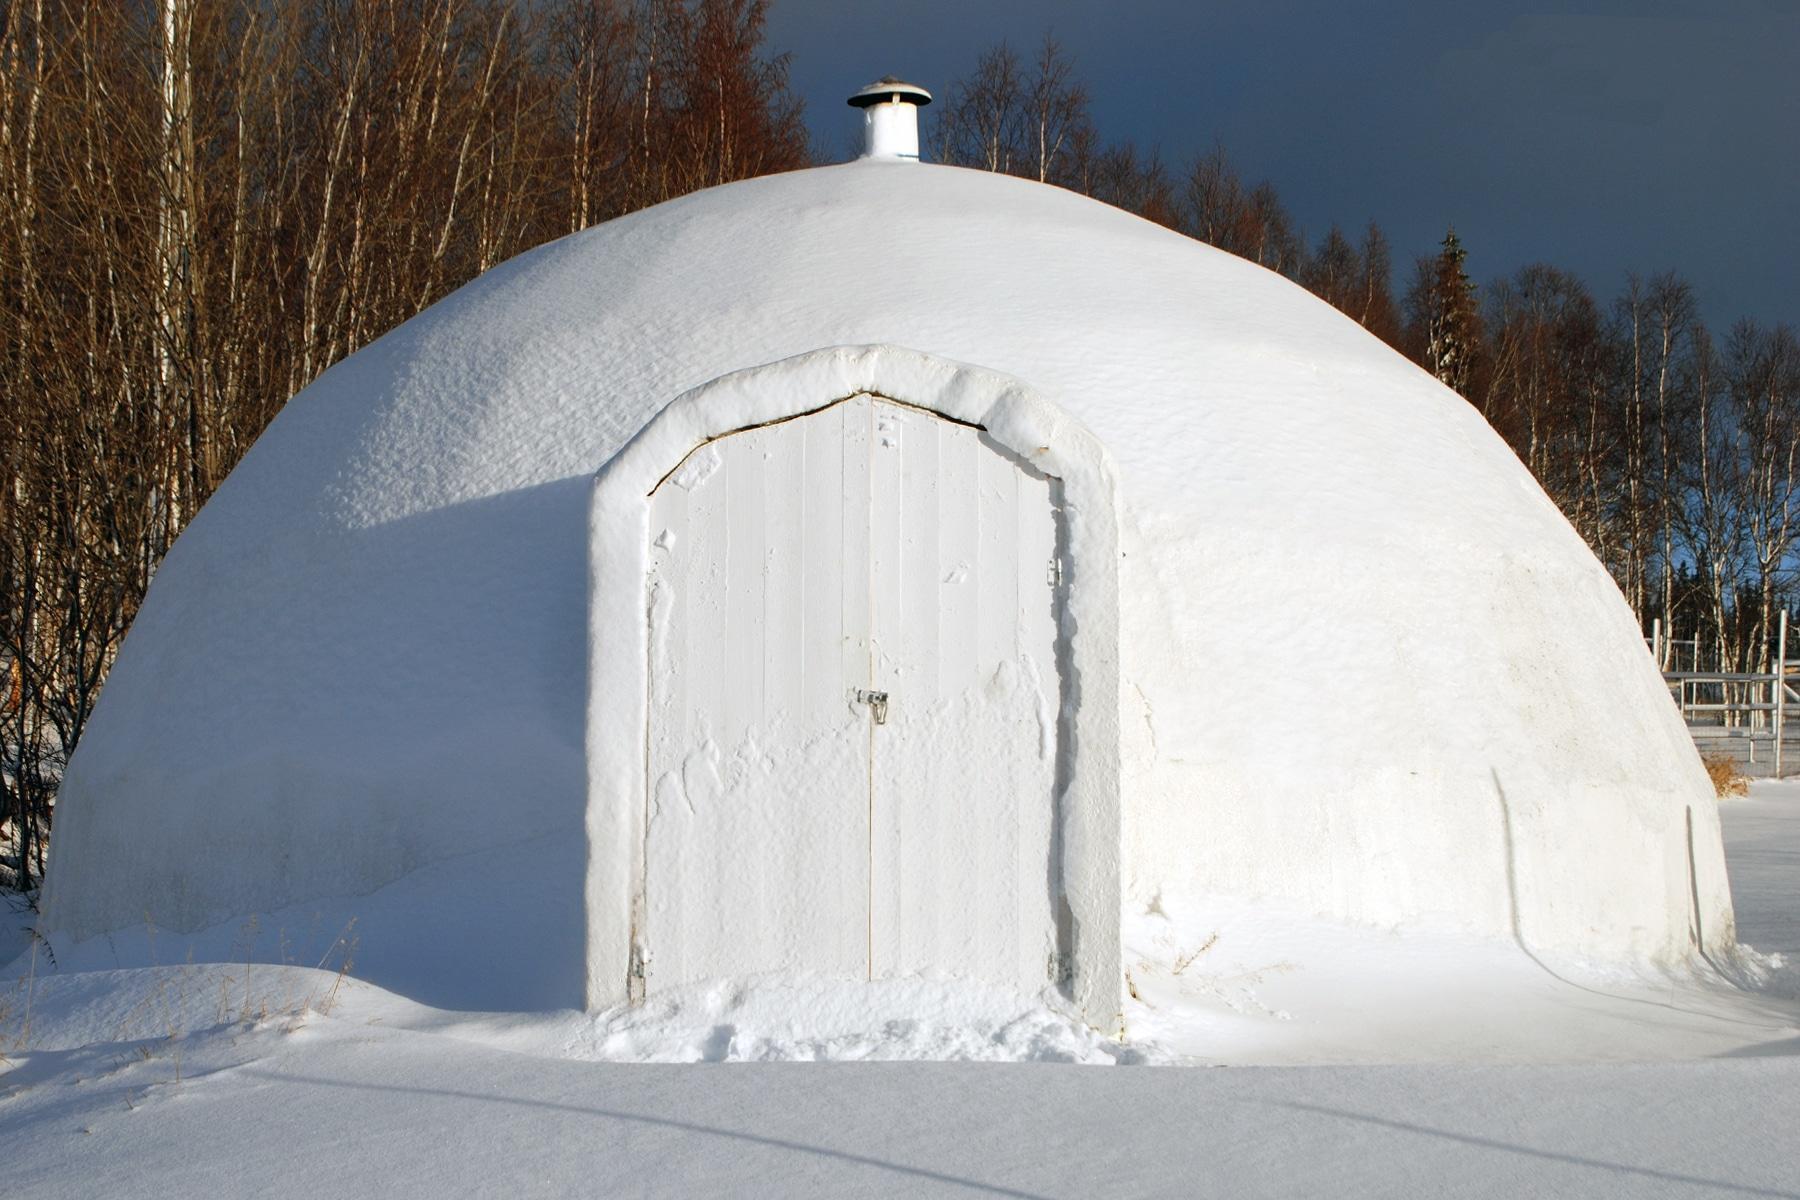 Middag i en igloo i Vemdalen